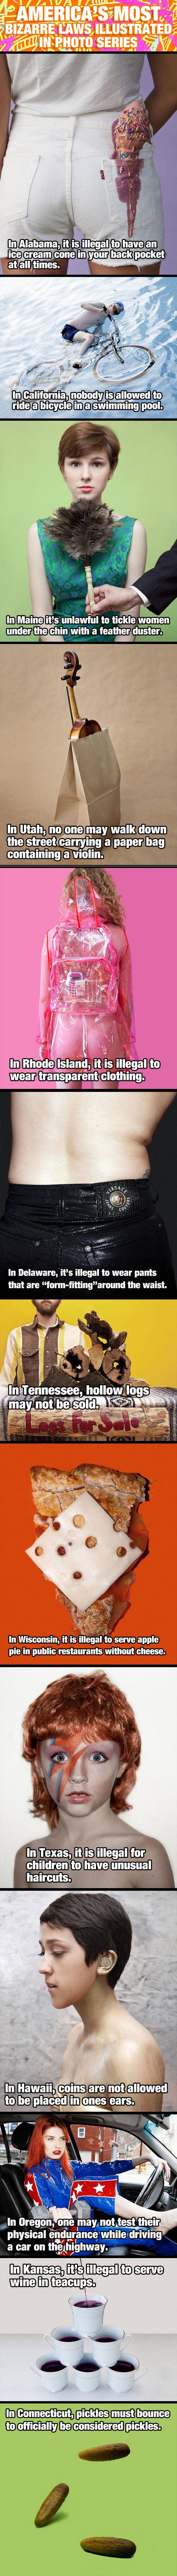 Most Bizarre Laws In America